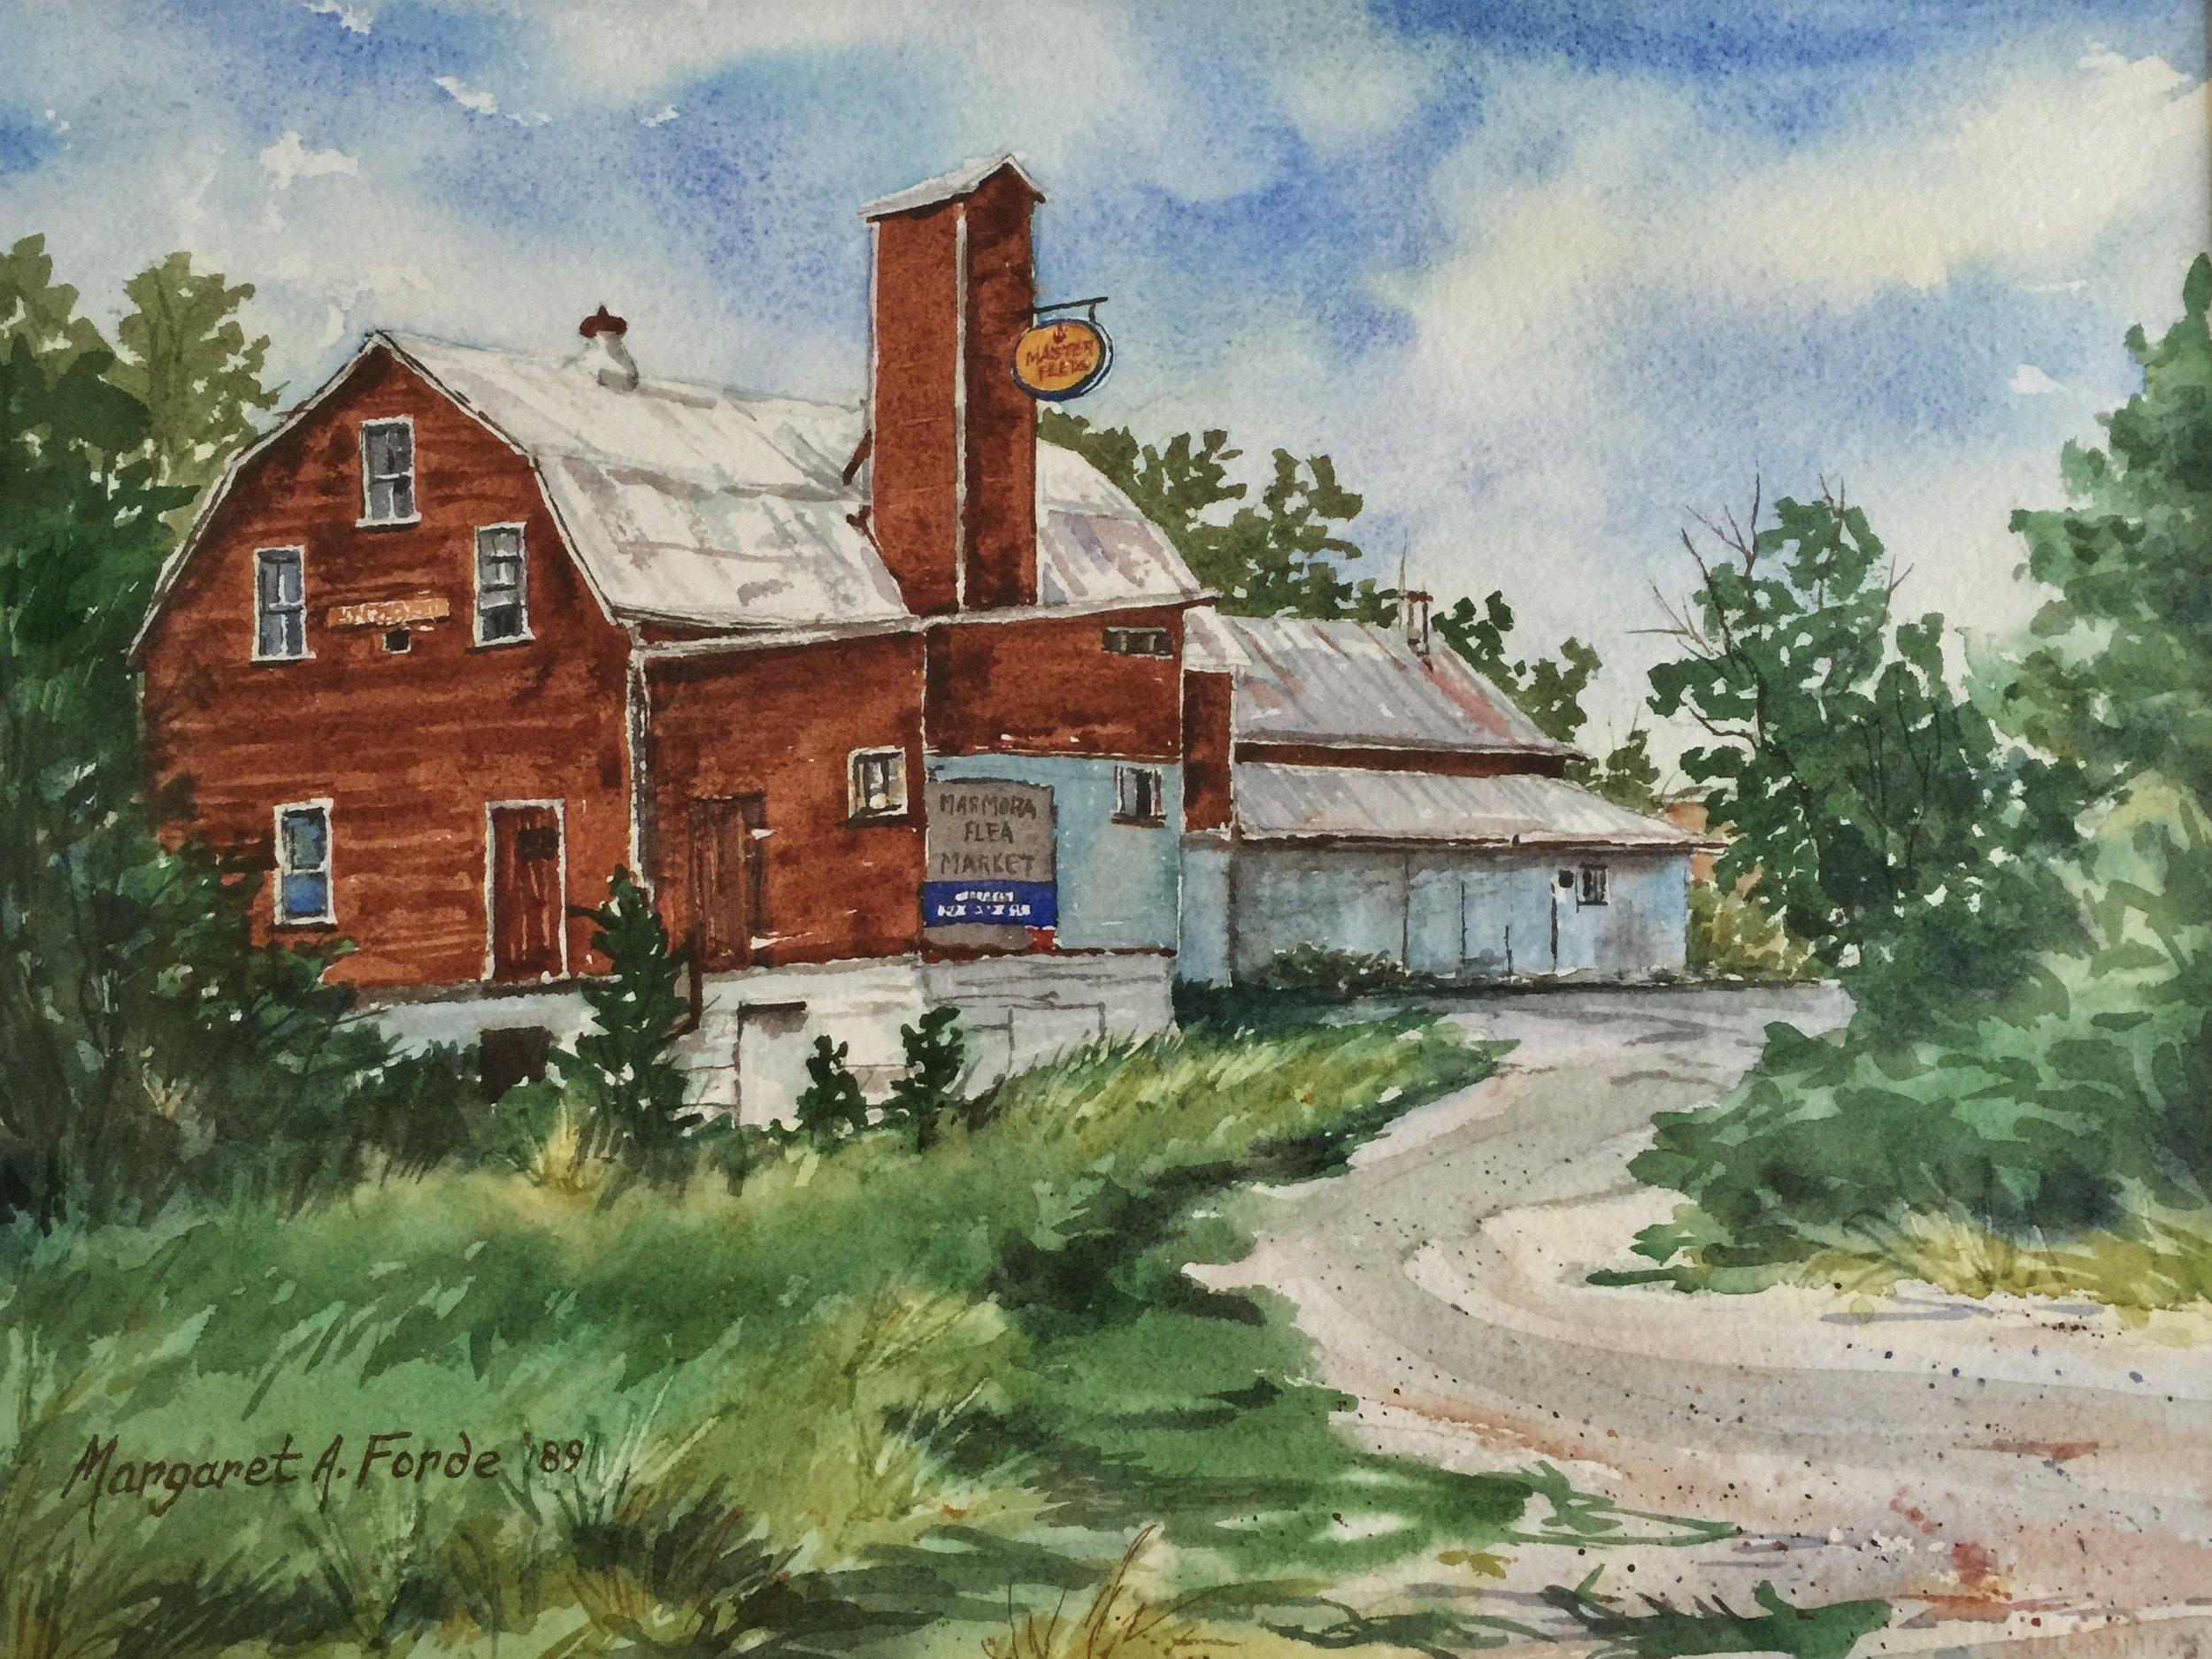 Lummiss/Bonter Feed Mill